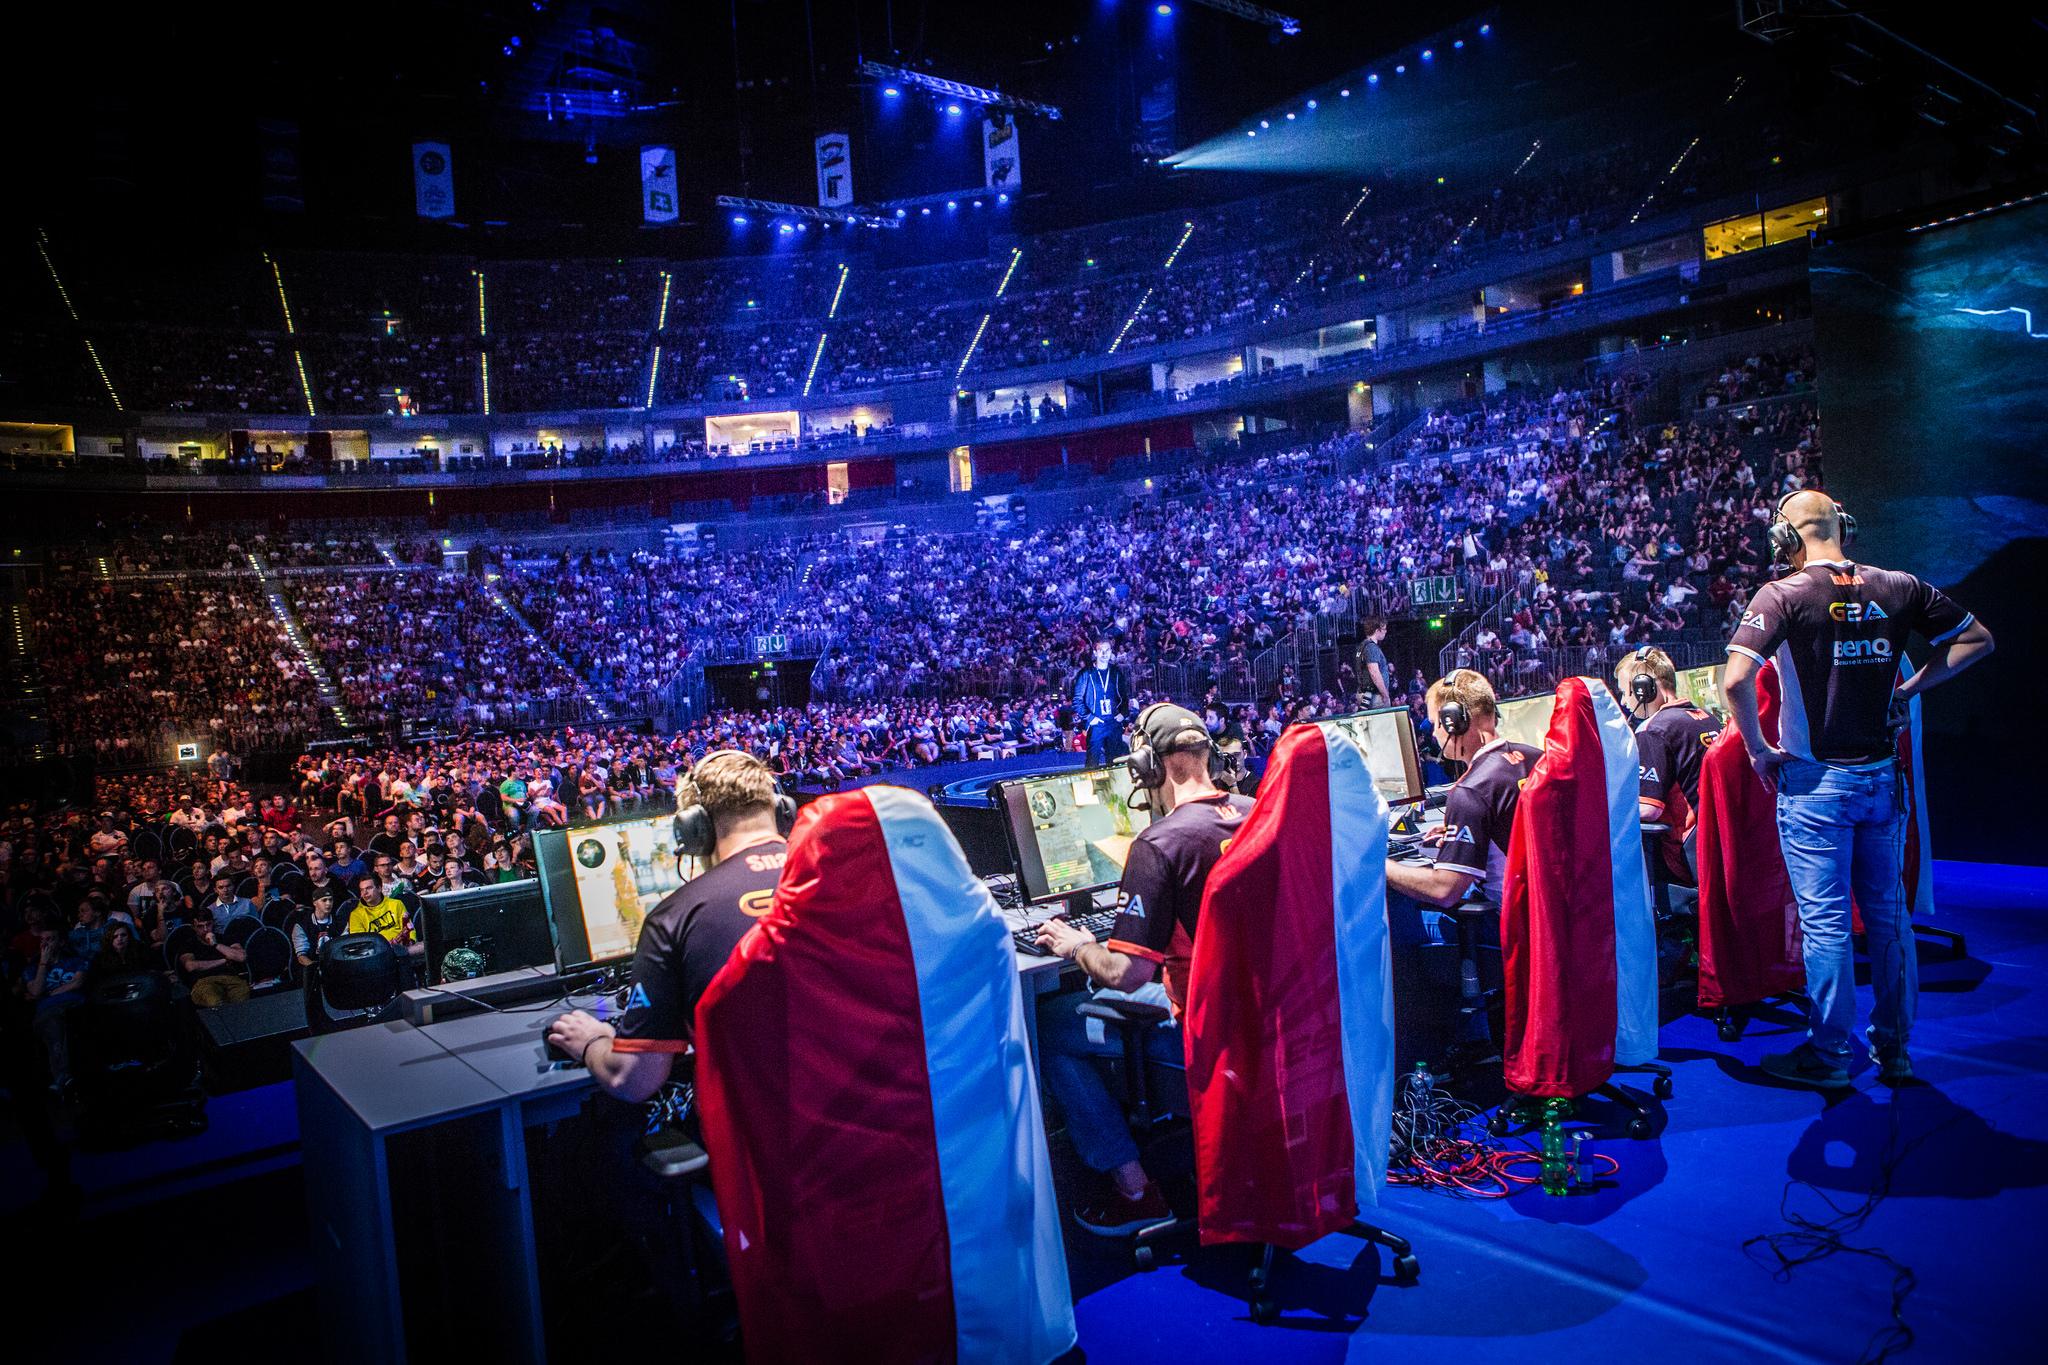 Los eSports (videojuegos)  una nueva disciplina olímpica.